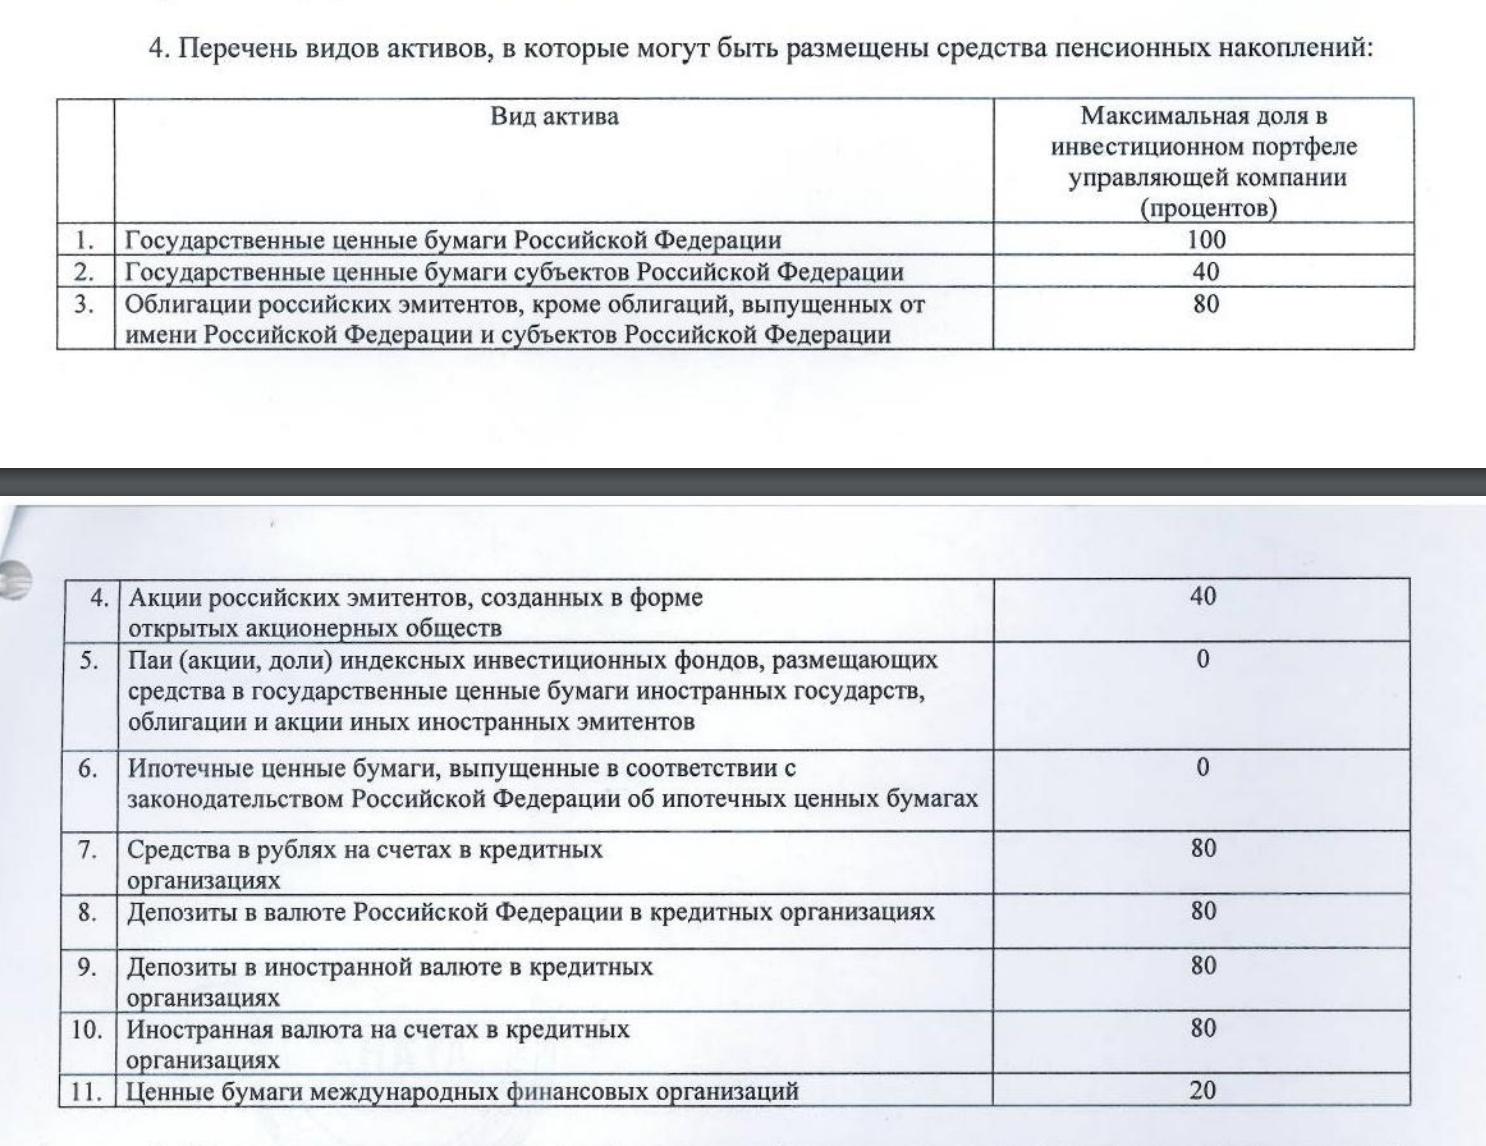 Отрывок из инвестиционной декларации к портфелю «Консервативный» одной из частных УК